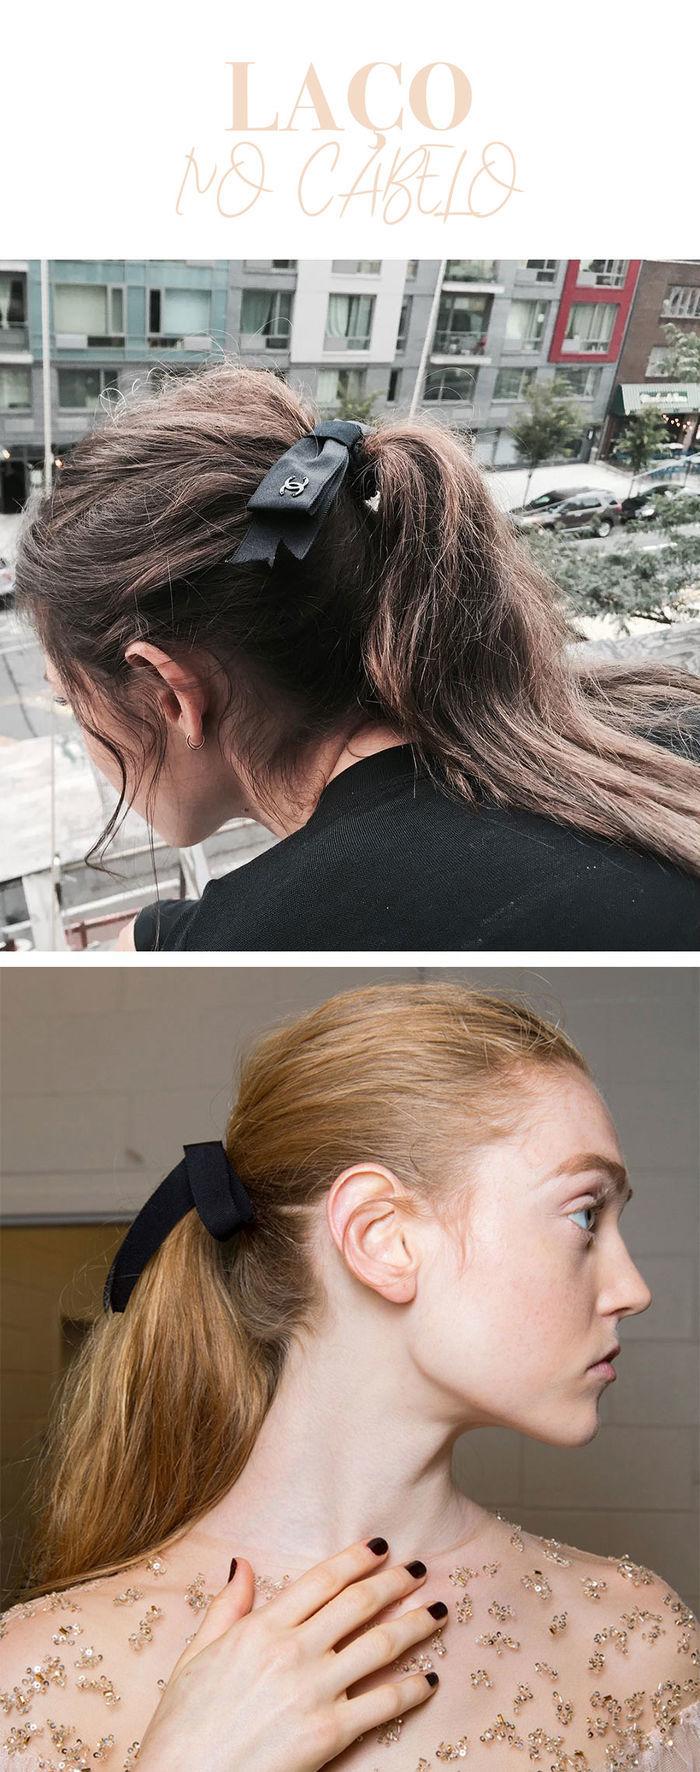 Como usar tendência laços no cabelo - por Layla Monteiro